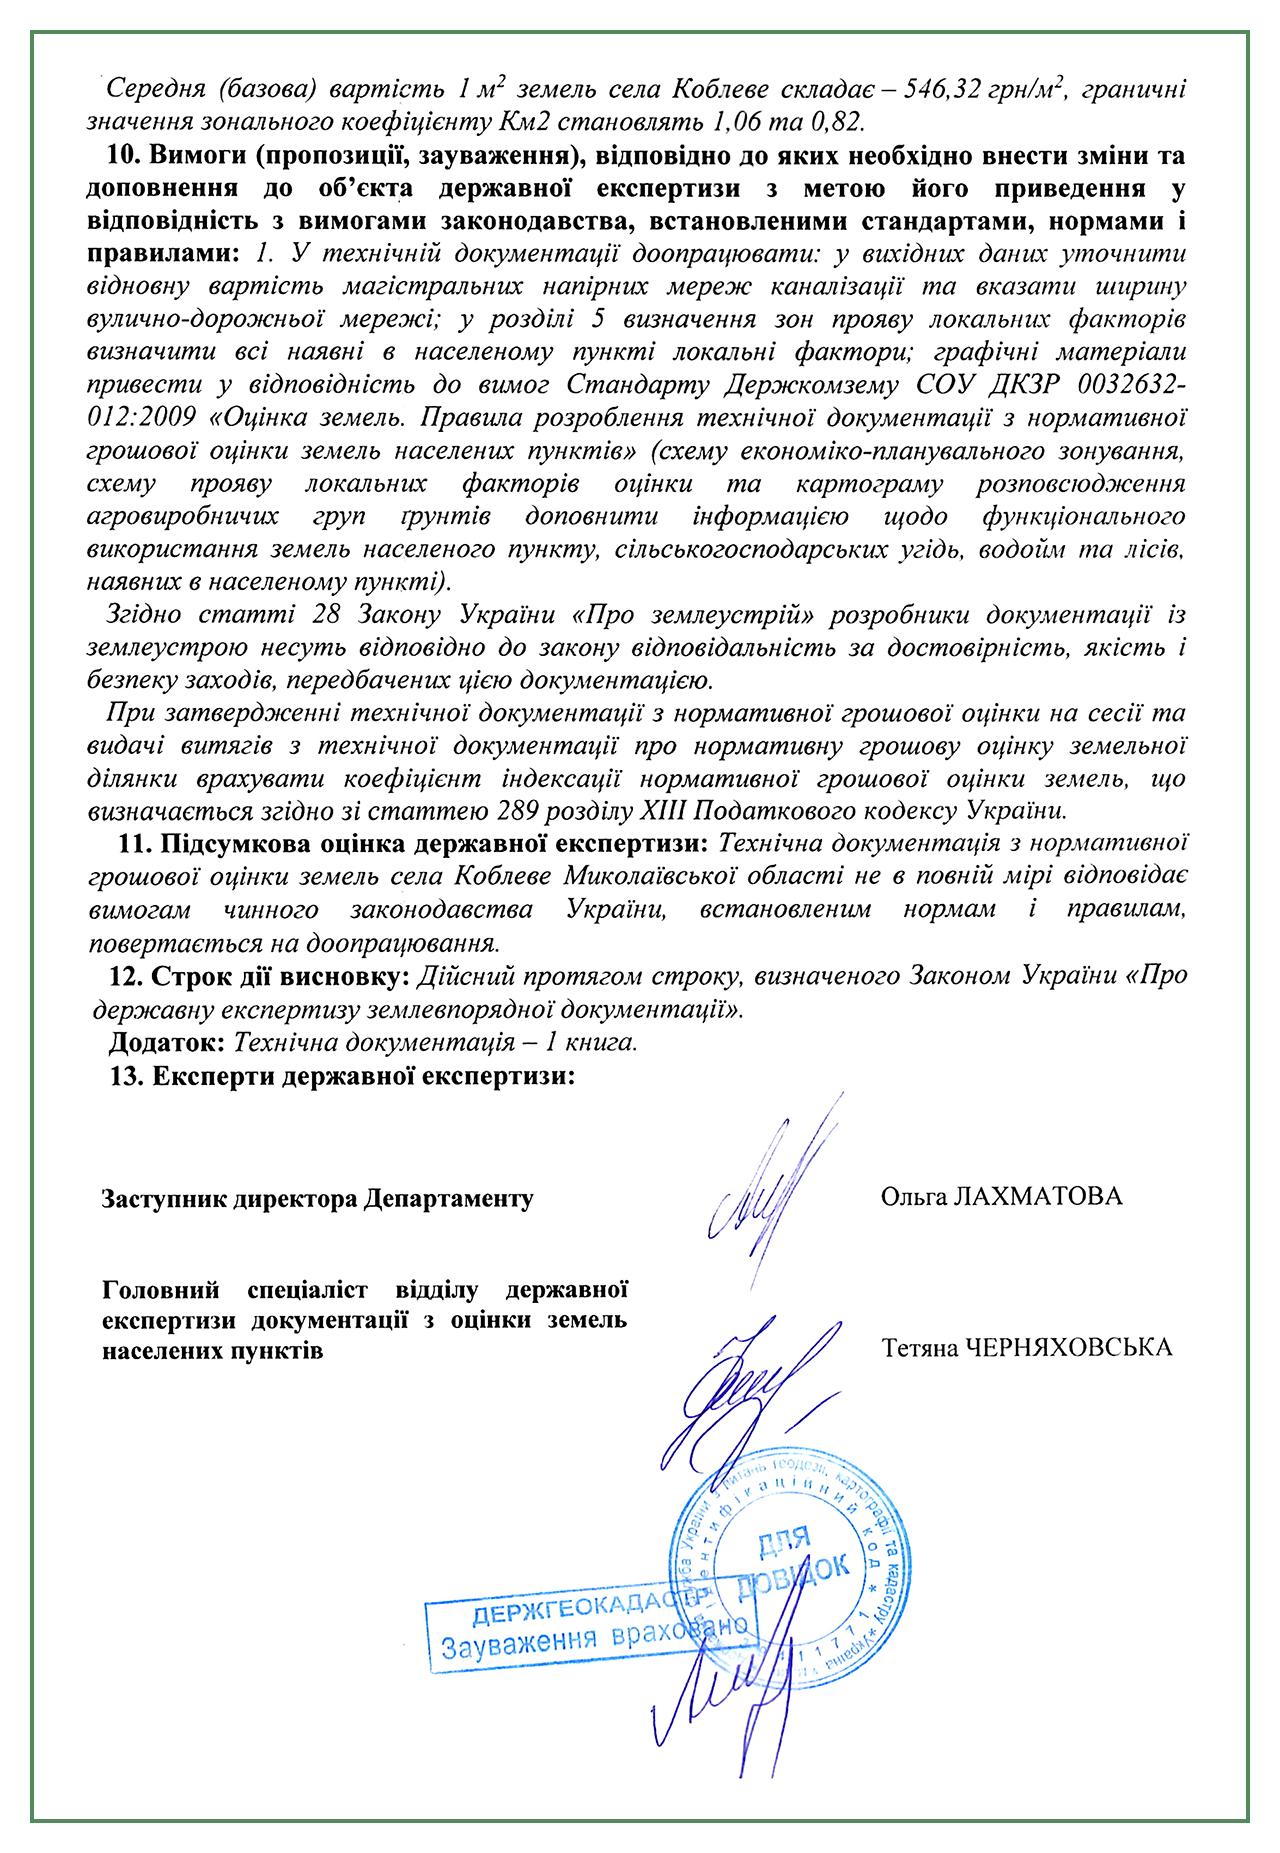 НДО села Коблево